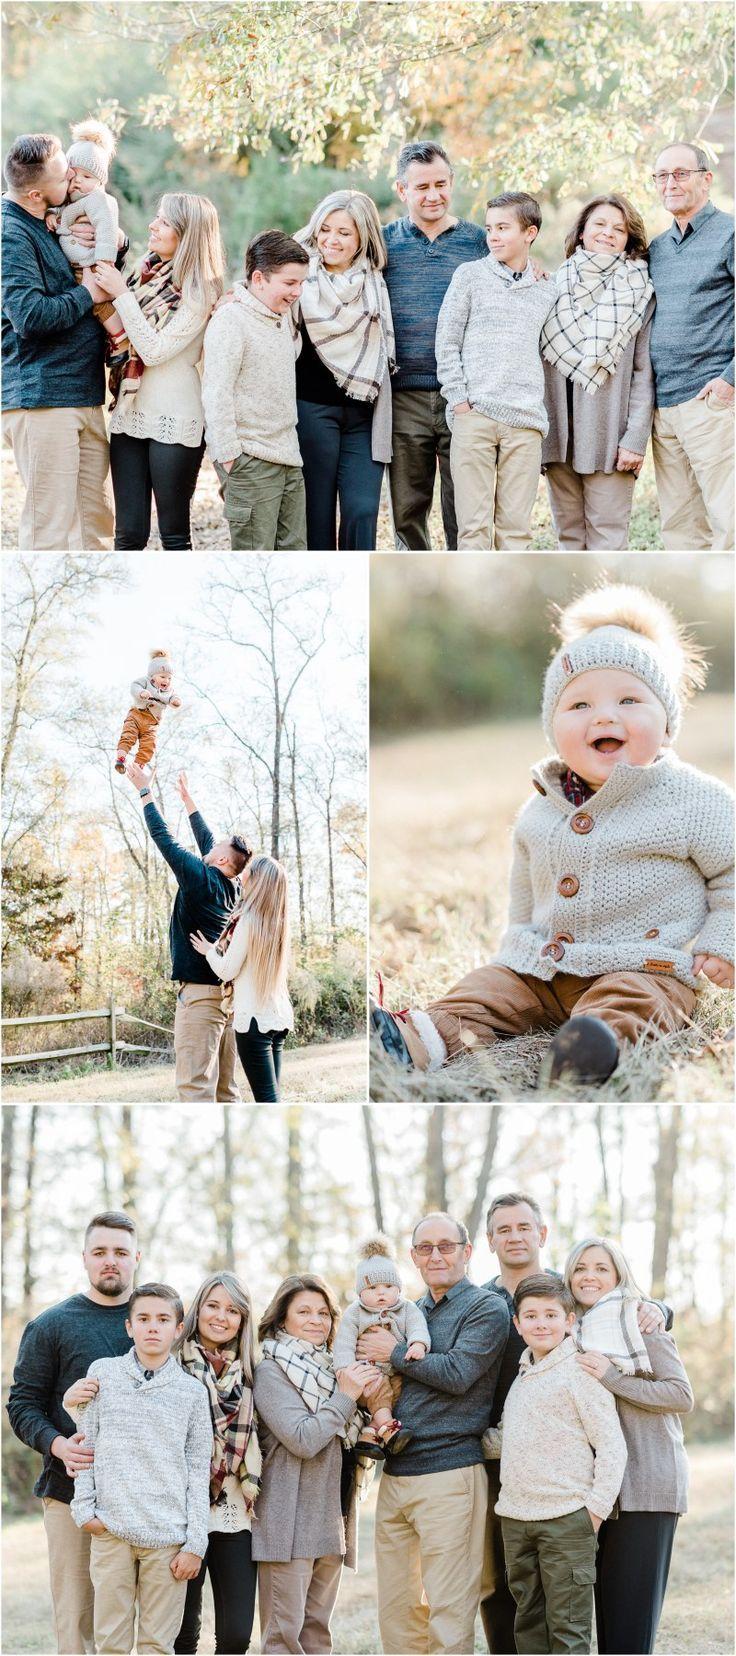 Super Kiforishin Family - Fotoshoot, Familie fotoshoots en Foto ideeën DW-62